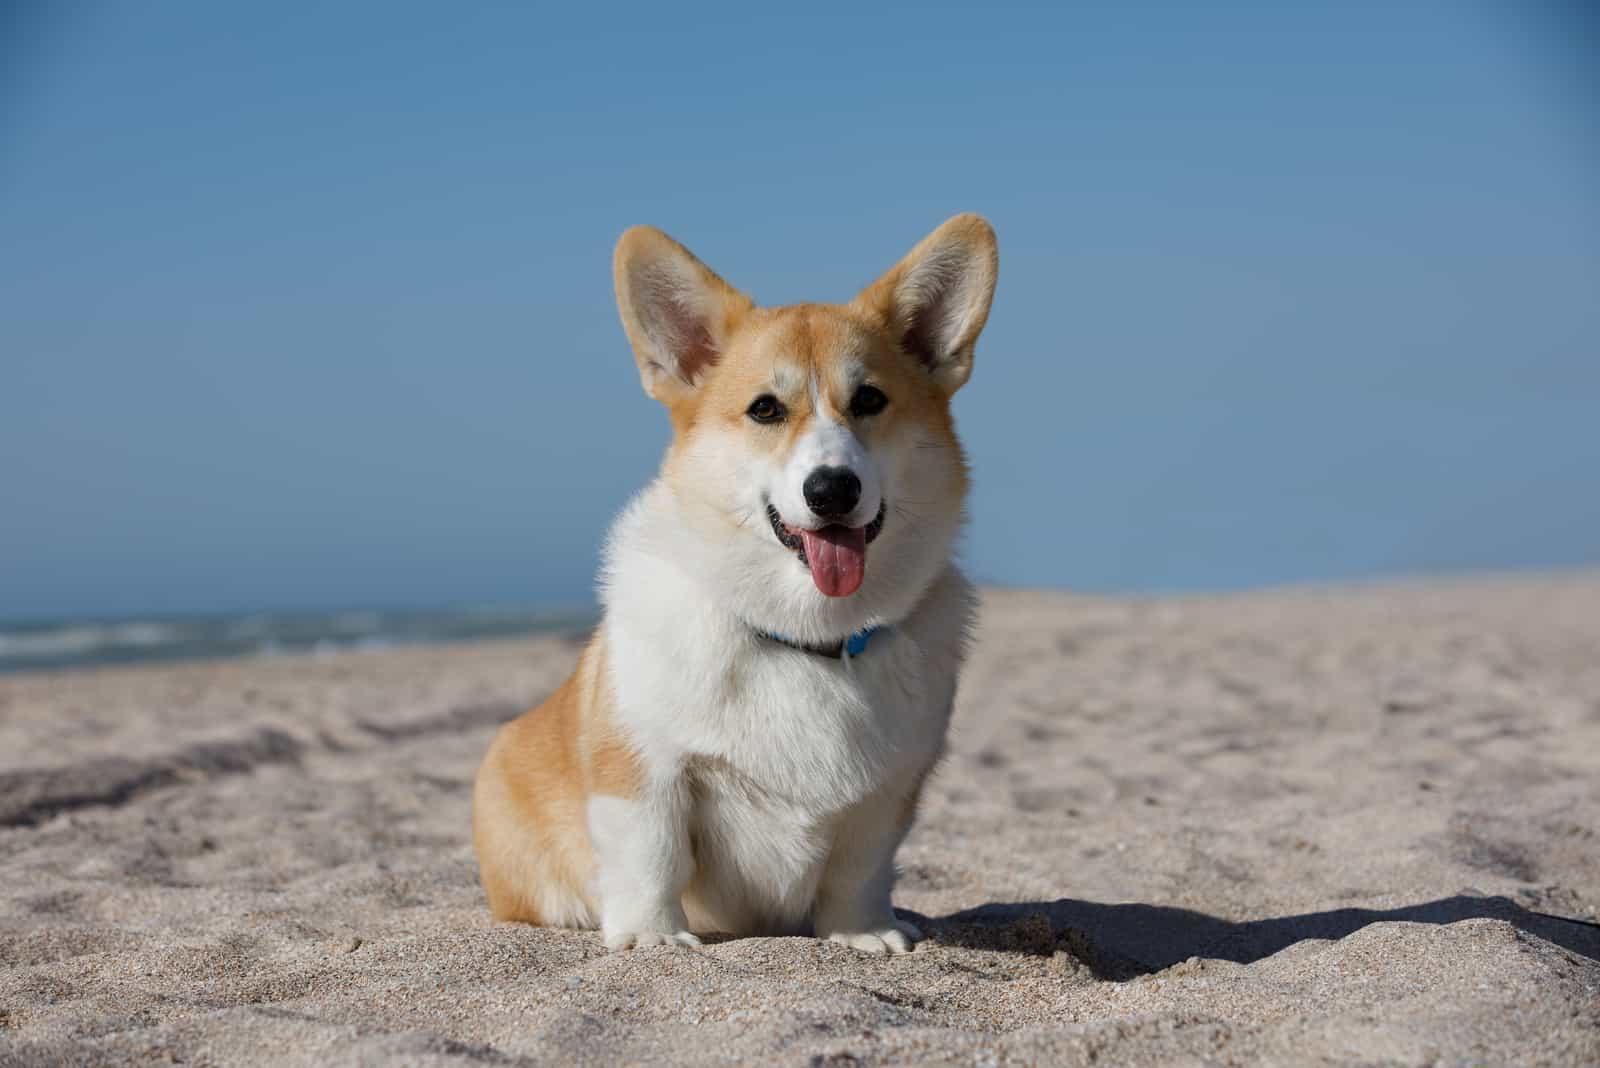 corgi dog on the beach